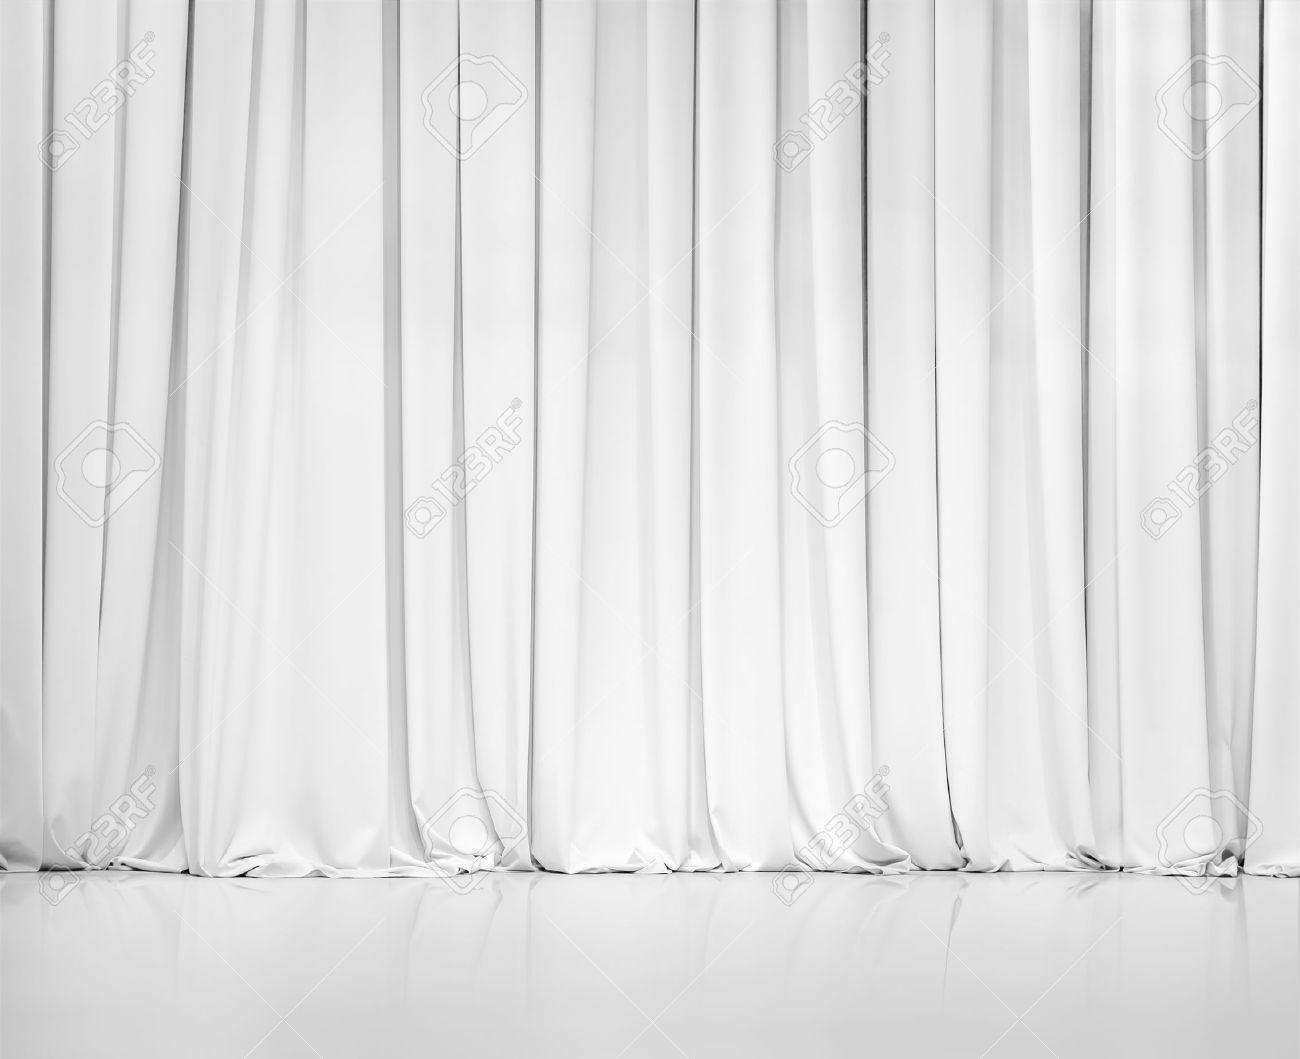 Weißen Vorhang Oder Gardinen Lizenzfreie Fotos Bilder Und Stock